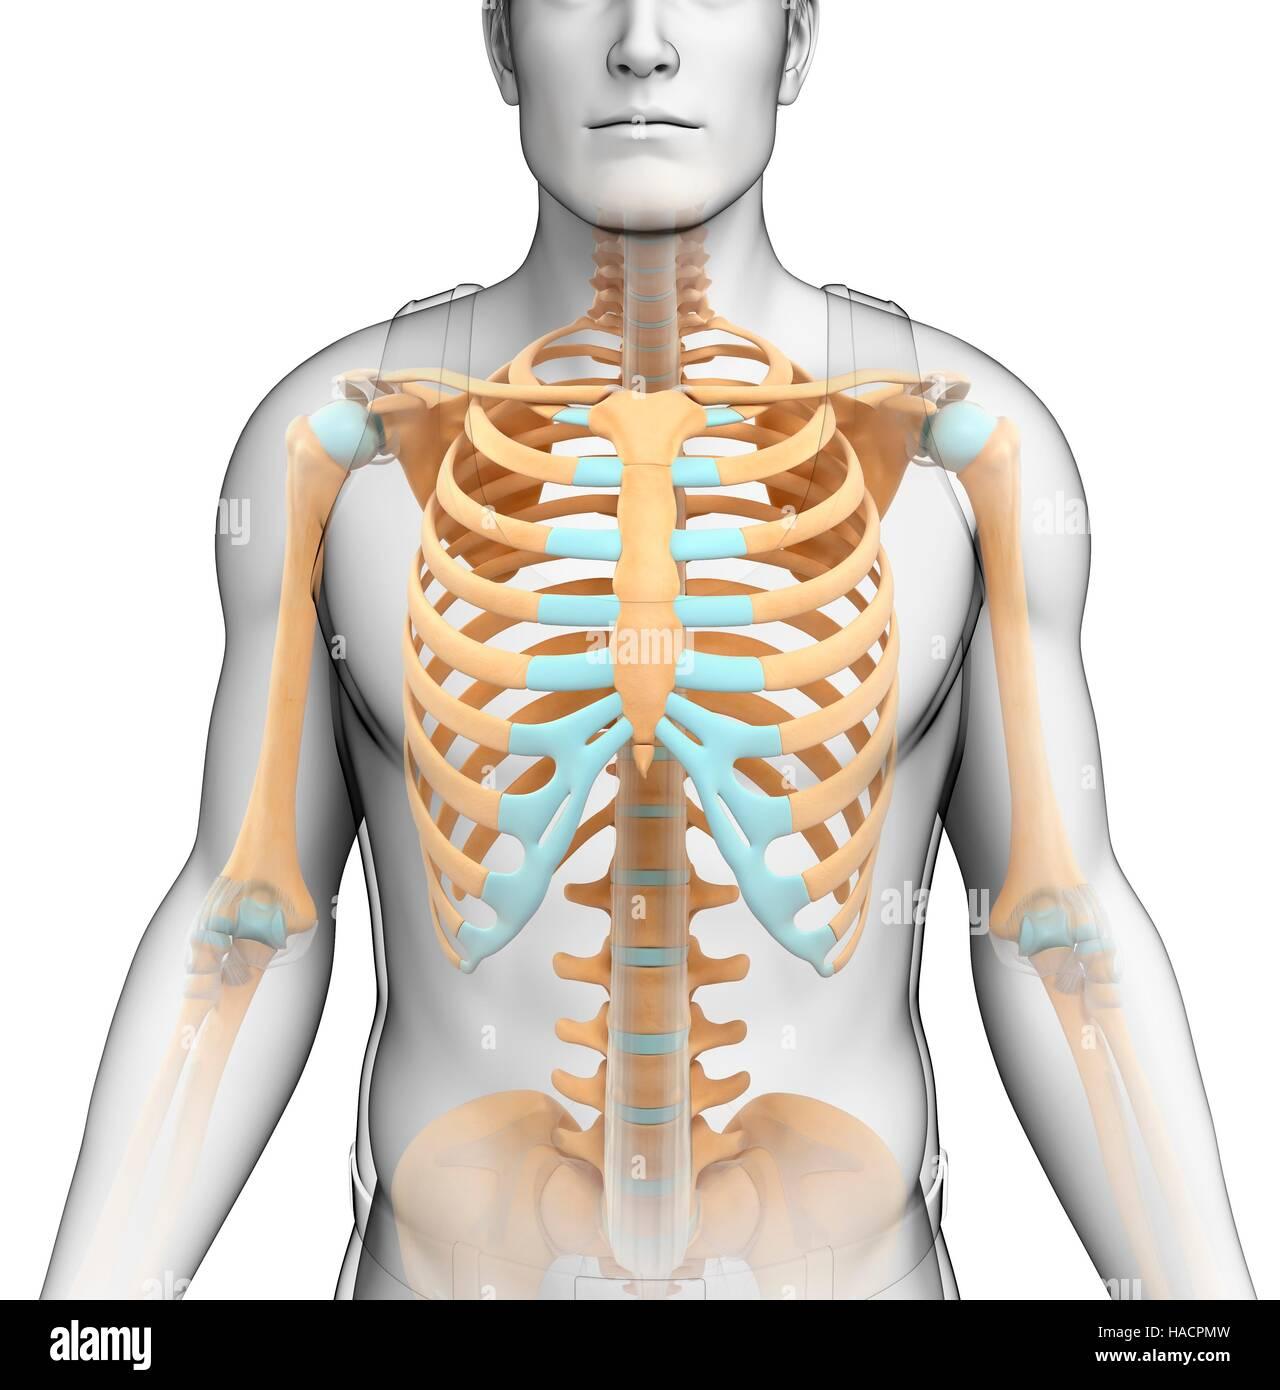 Großzügig Organe Des Skelettsystems Ideen - Menschliche Anatomie ...